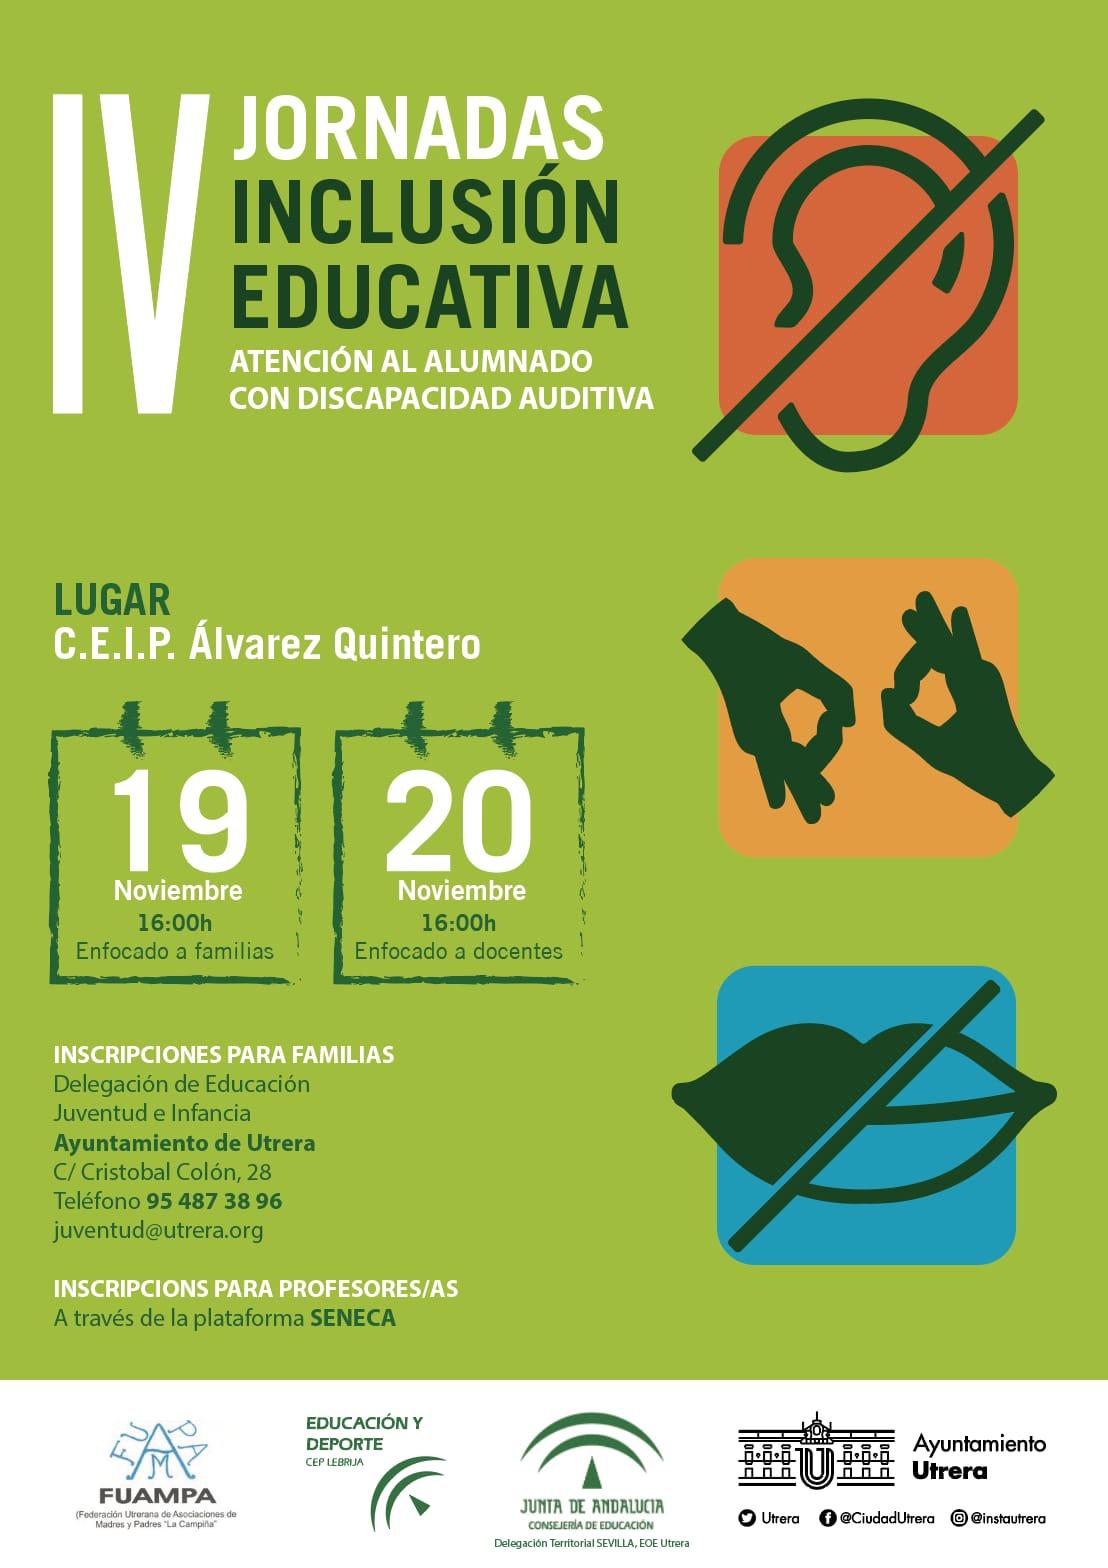 Utrera acoge las IV Jornadas de Inclusión Educativa abordando la discapacidad auditiva en las aulas